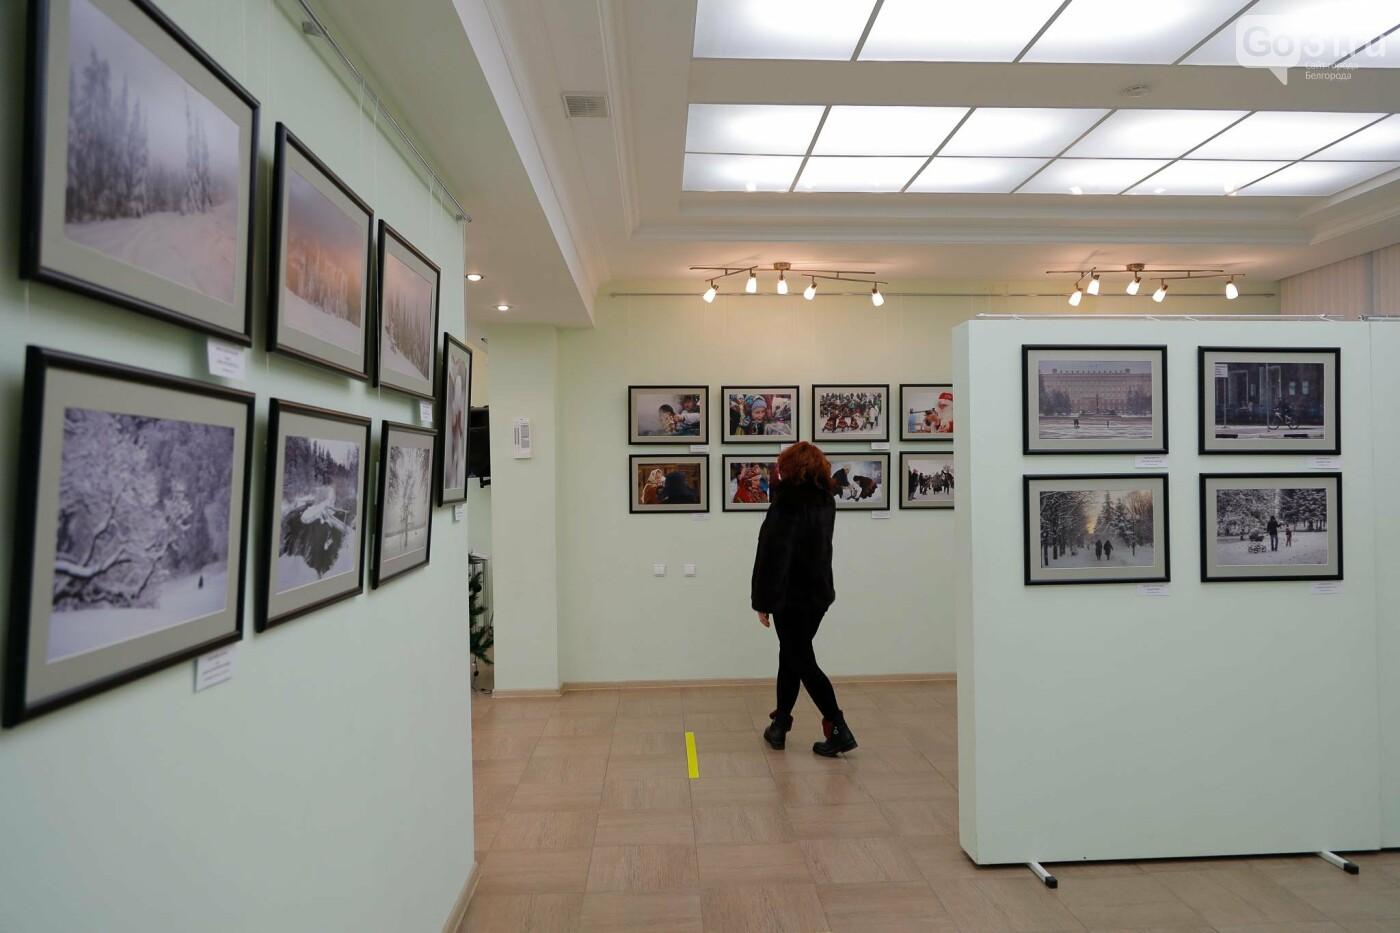 Открытие выставки «Зимние истории» в белгородской галерее фотоискусства им. В. А. Собровина, Фото: Антон Вергун